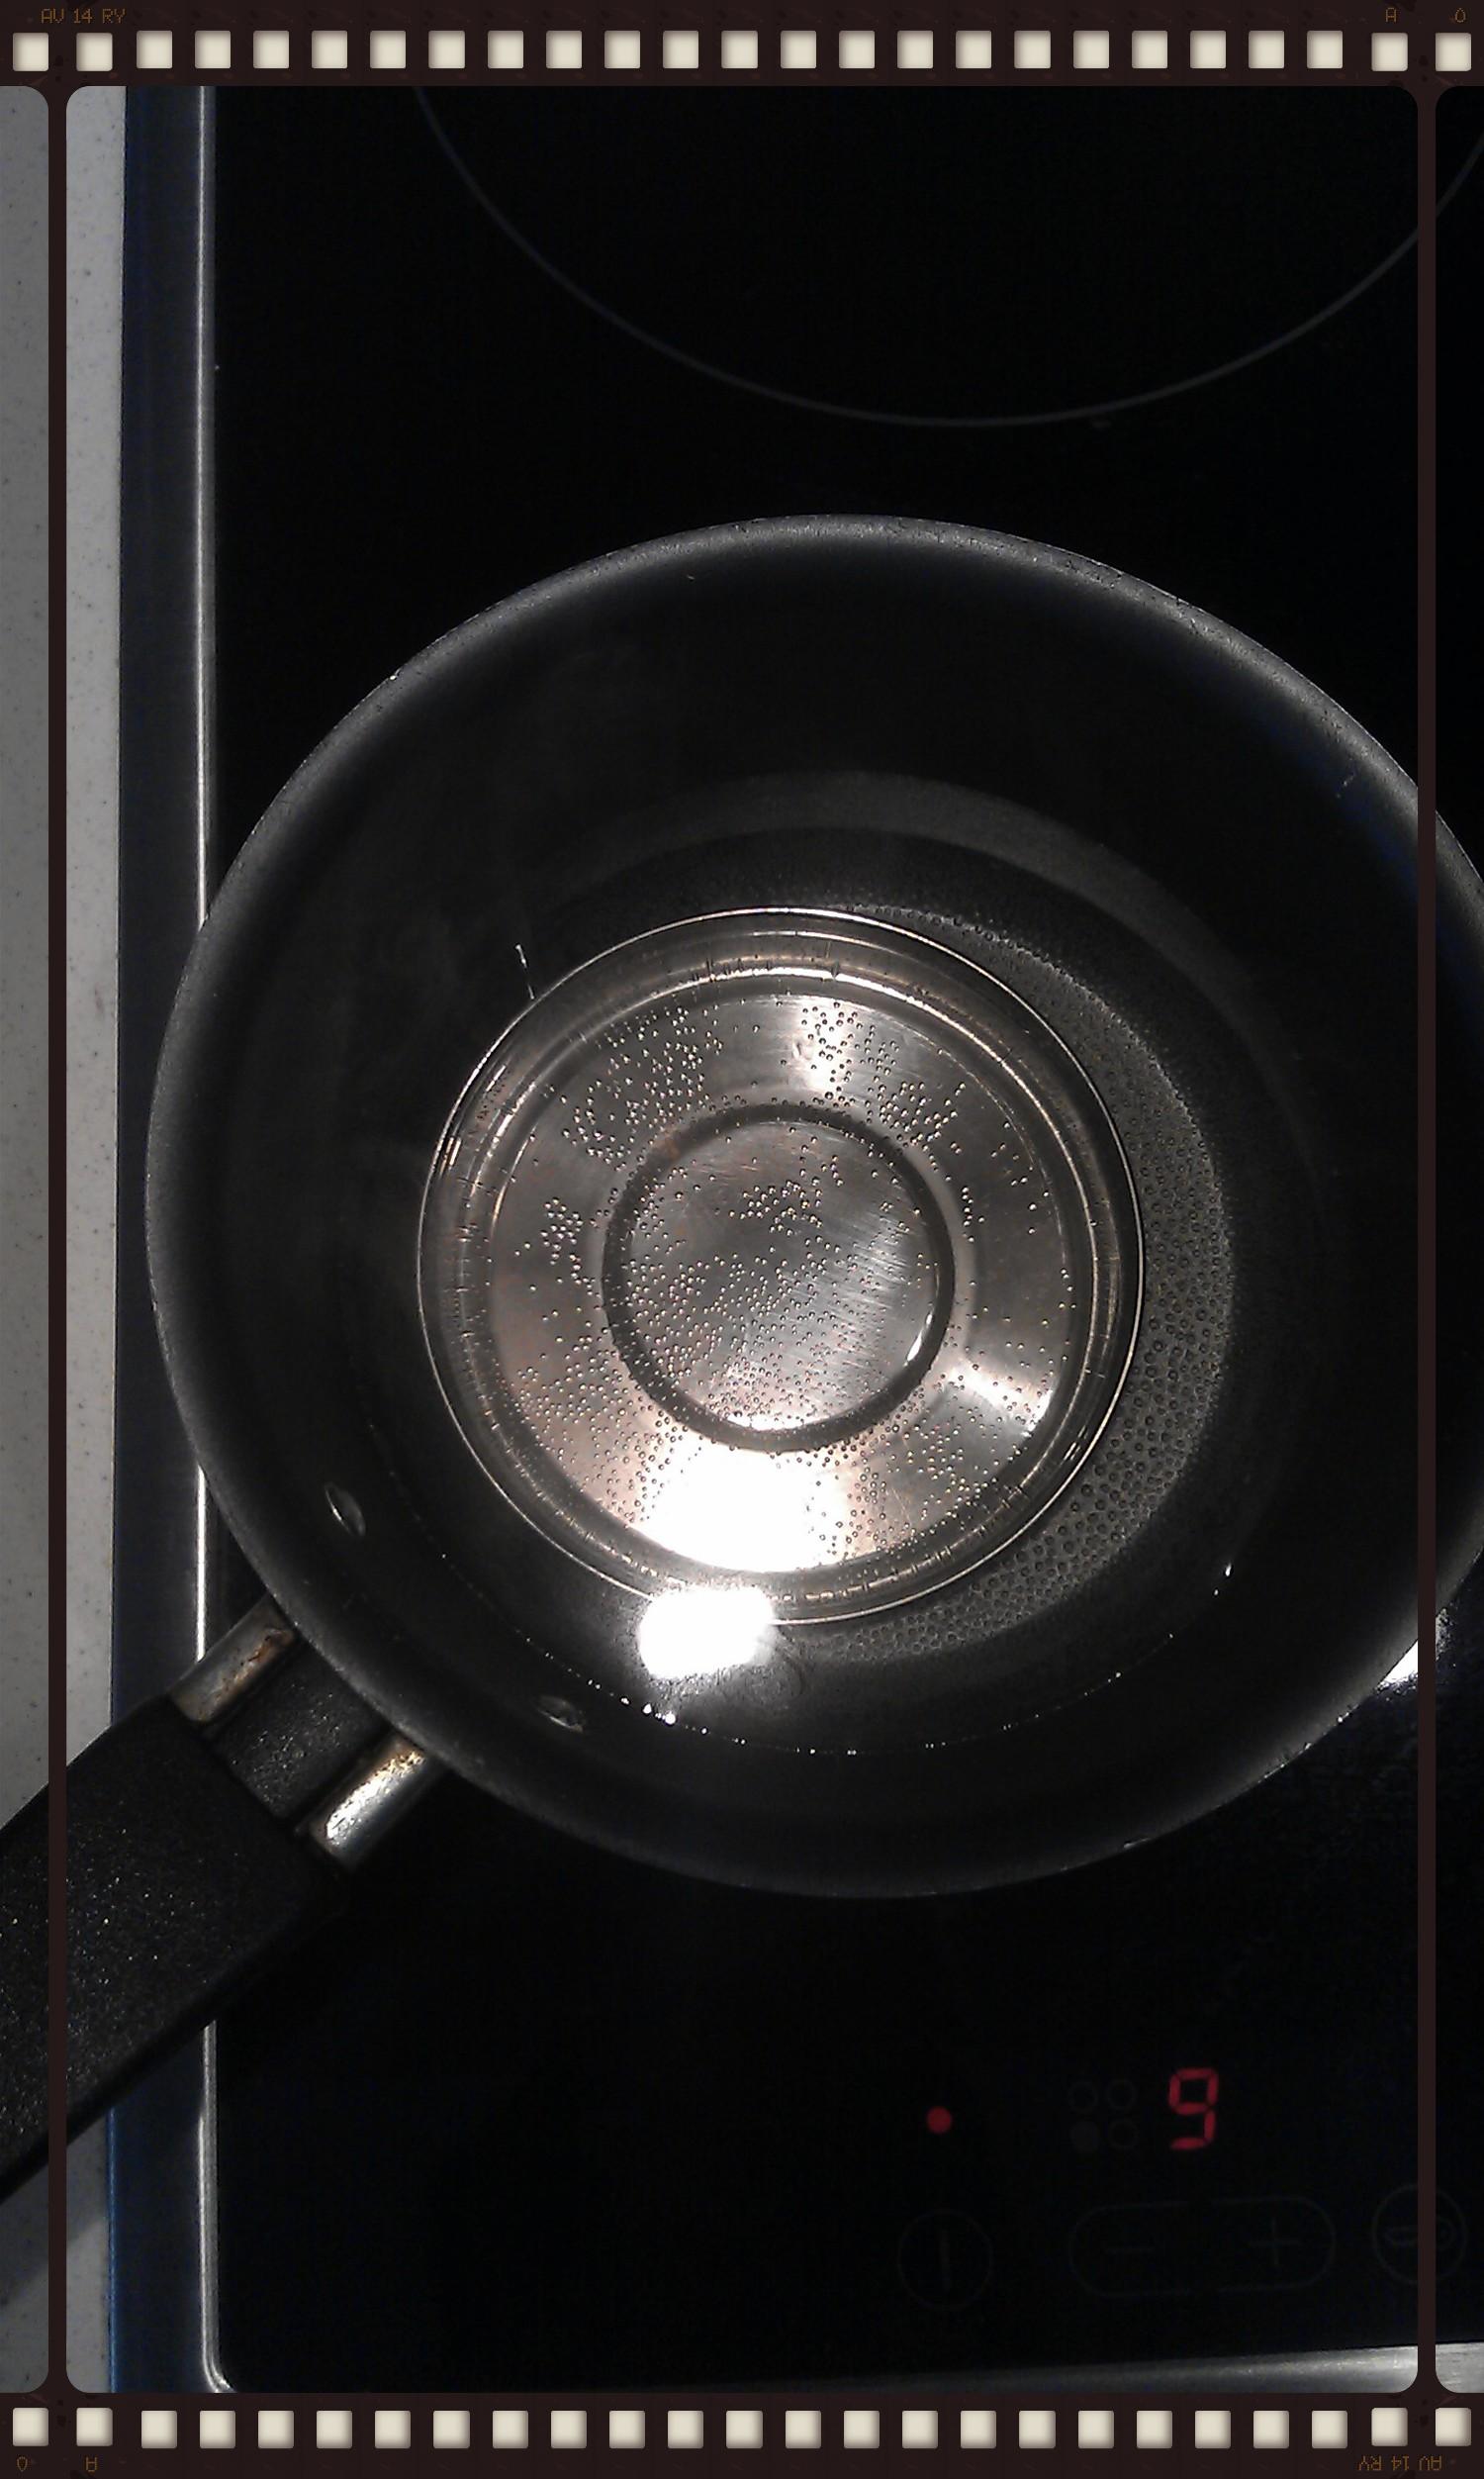 Βράζουμε το νέρο στο κατσαρολάκι με το καπάκι μέσα.